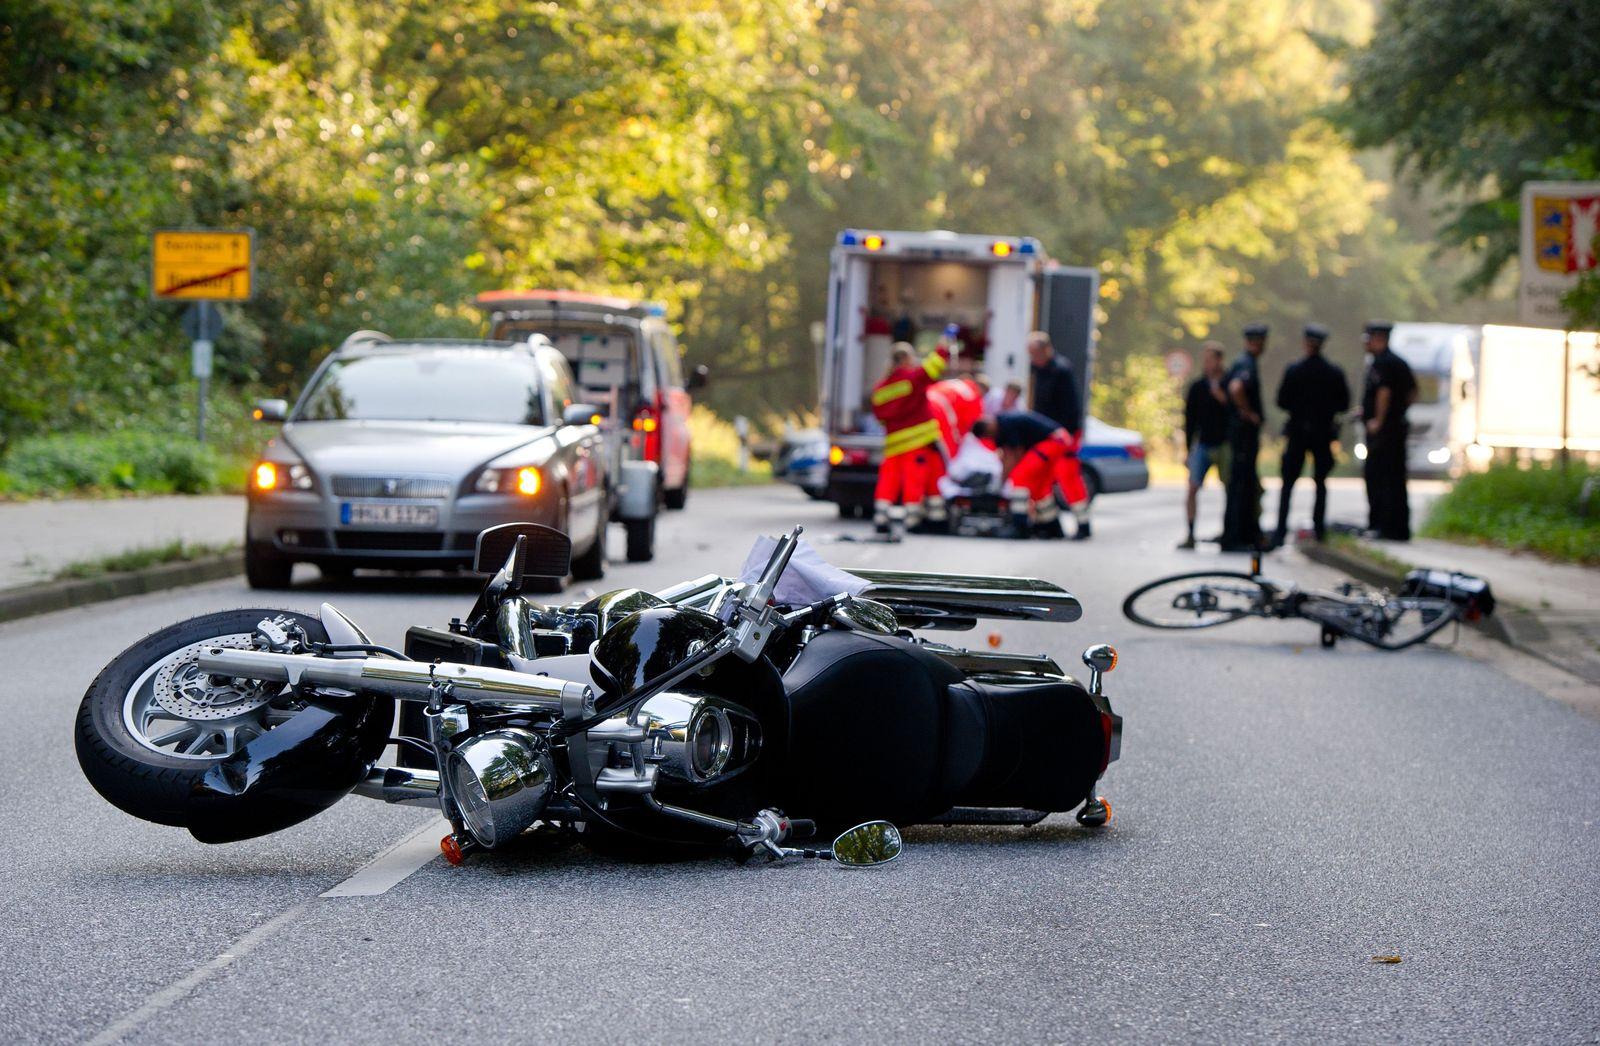 Symbolbild/ Unfall/ Motorrad/ Fahrrad